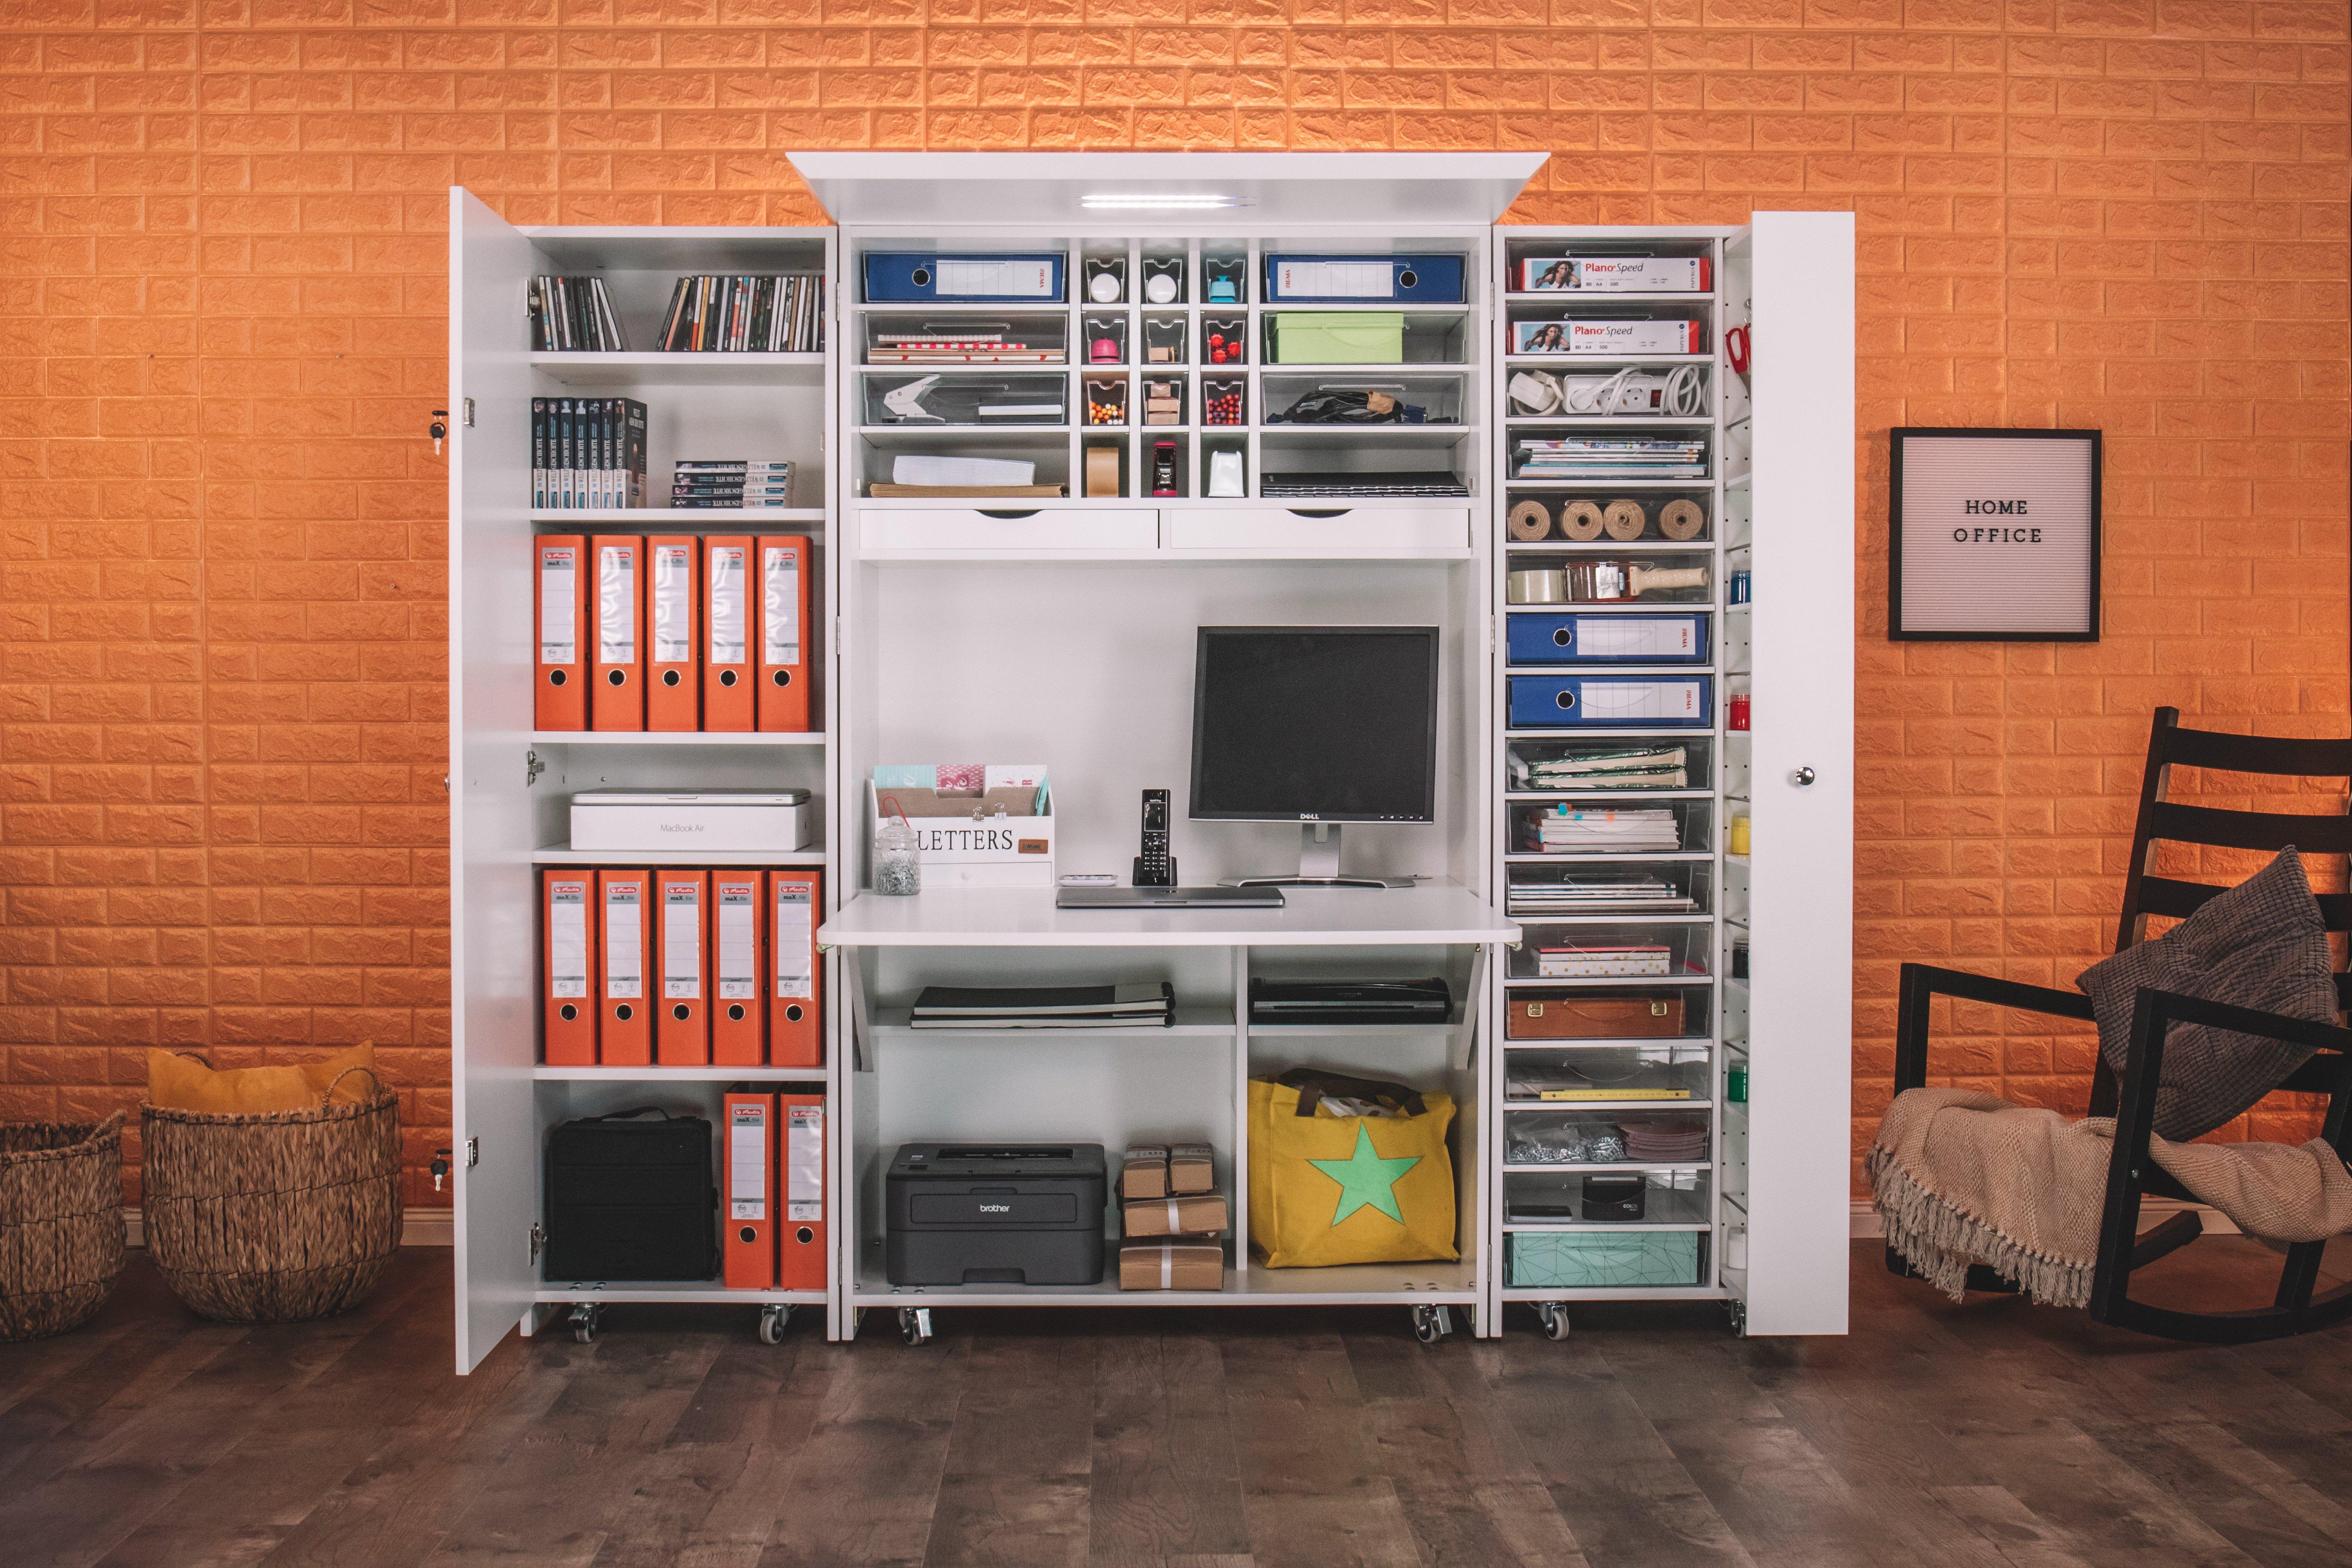 Dein perfektes Home Office, welches seinen Namen wirklich verdient. Unsere BrandBox Office bietet dir für deinen Job unendlich viel Platz für Ordner, Druckerpapier, deine Stifte und alle Büromaterialien, die sonst immer keinen richtigen Platz finden. Im Tischbereich der CenterBox kannst bis zu 34 Zoll ultrawide Monitore unterbringen und unter dem Tisch kannst du deinen Drucker und Büromaschinen verstauen. Alle Kabel gelangen durch integrierte Kabelöffnungen in den Regalböden zu der integrierten Stromleiste. Unsere BrandBox Hartplastikkörbe liefern wir natürlich mit. BrandBoxOffice aufklappen - arbeiten - zuklappen - Feierabend.